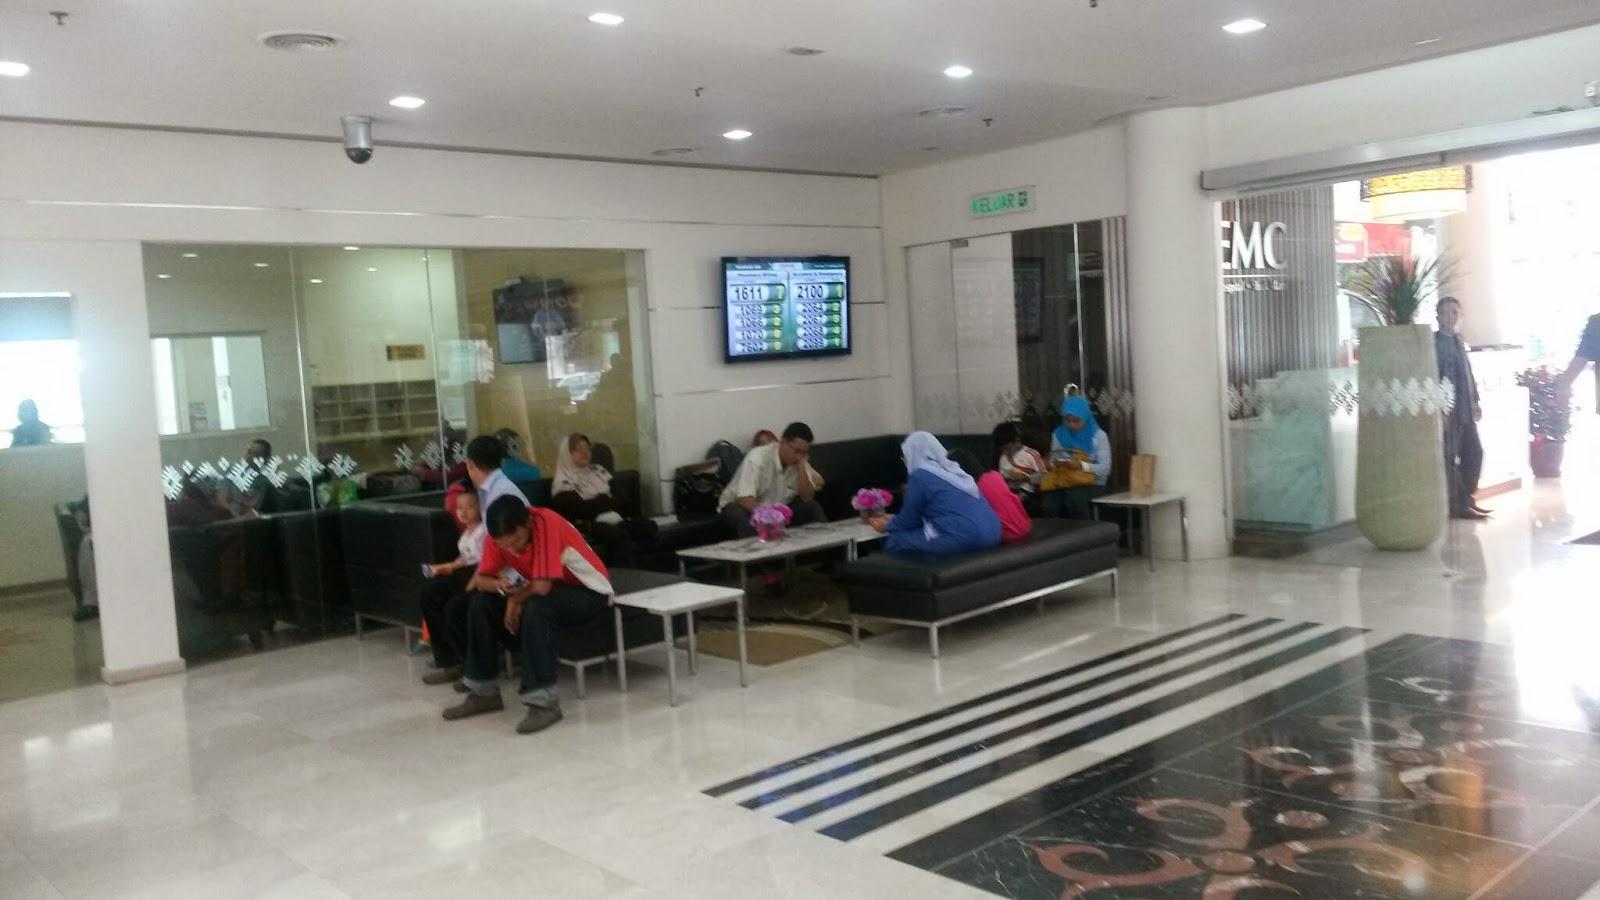 hospital,demc,ramai,orang,isnin,sibuk,penuh